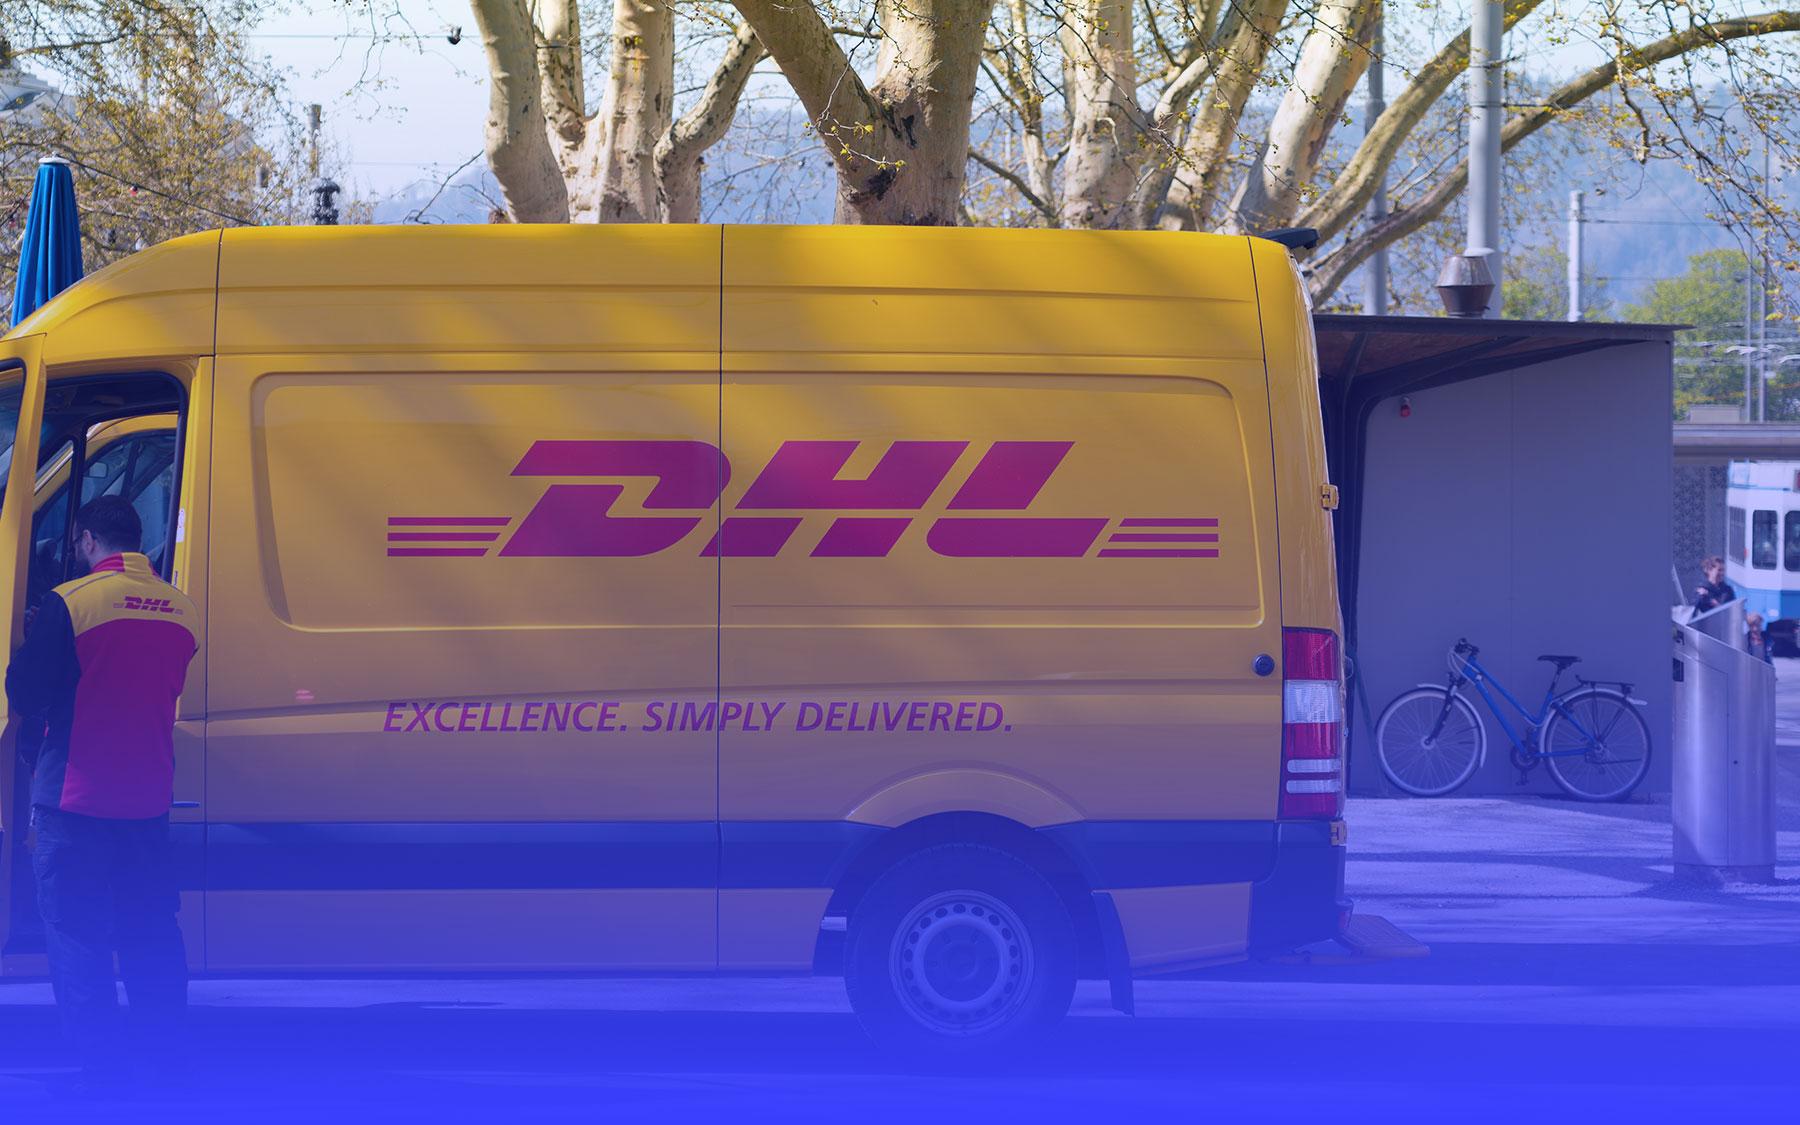 DHL startet neues Tool mit UX/UI von Benchmark Design